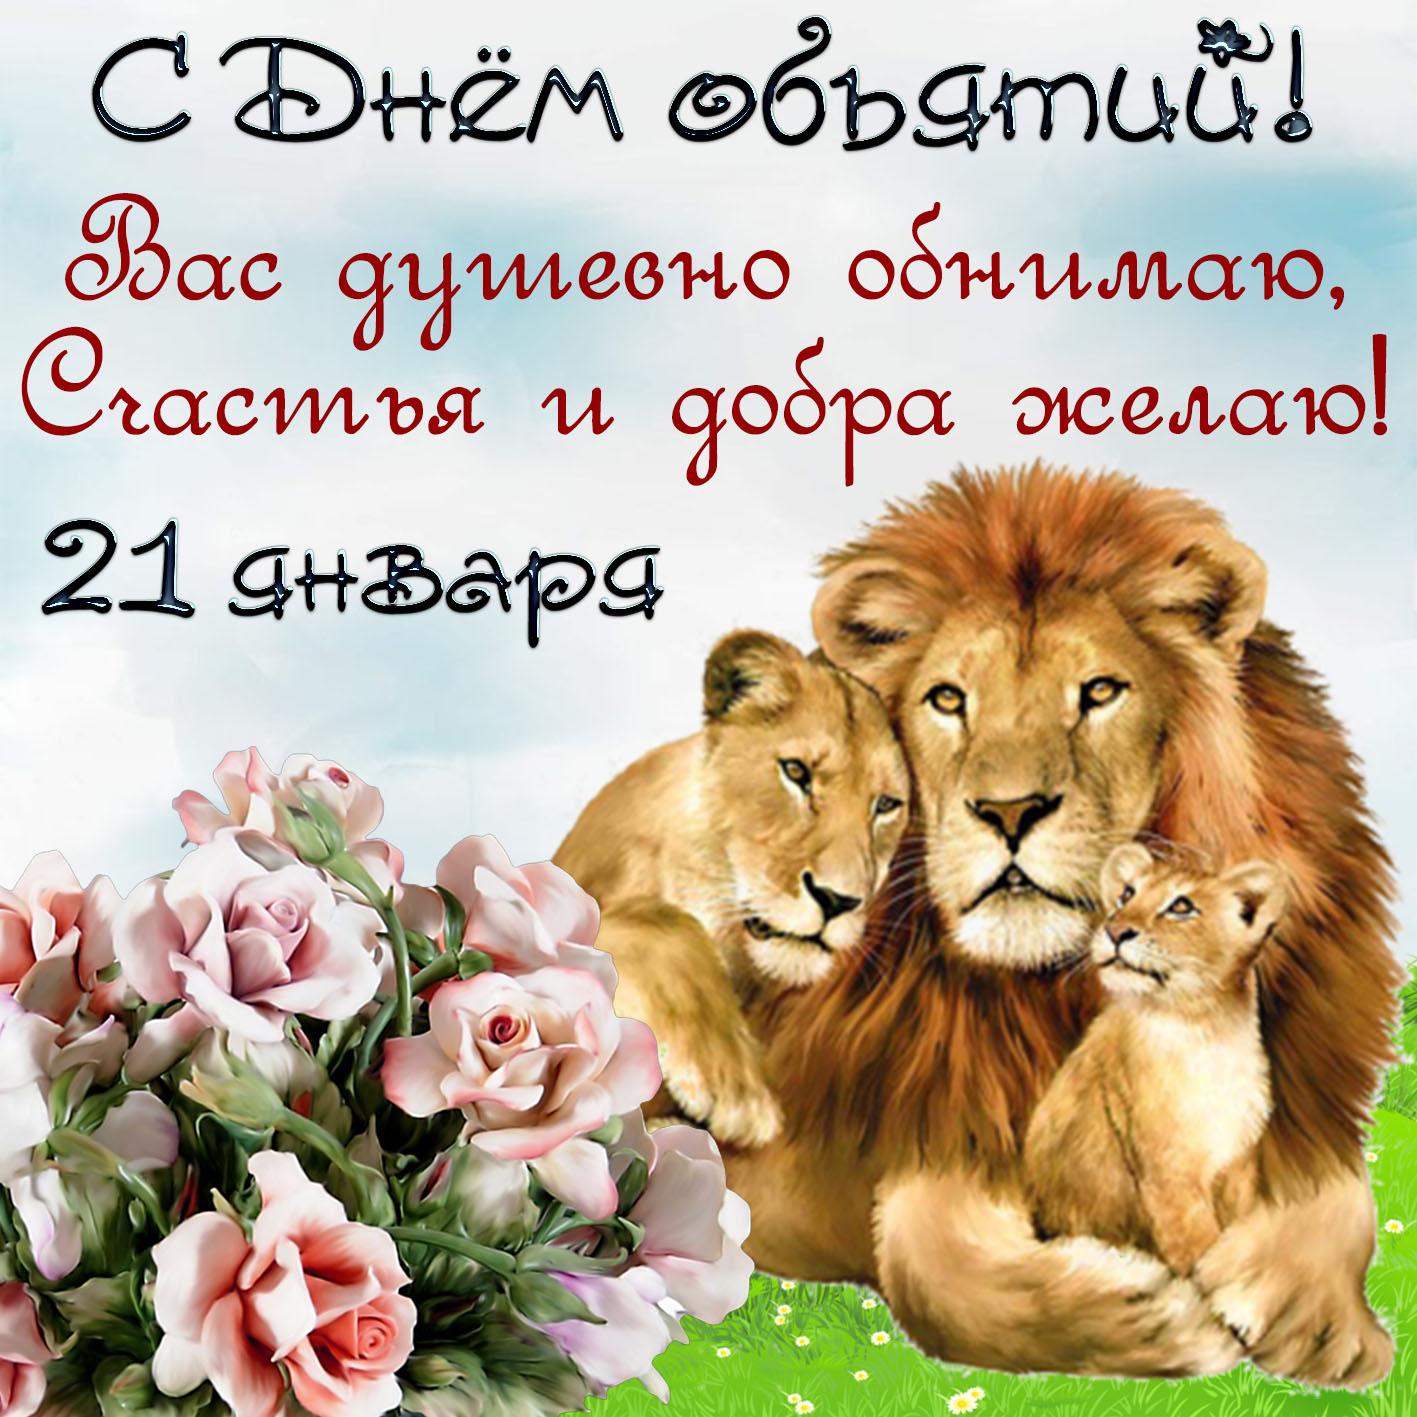 Открытка со львами и цветами на День объятий